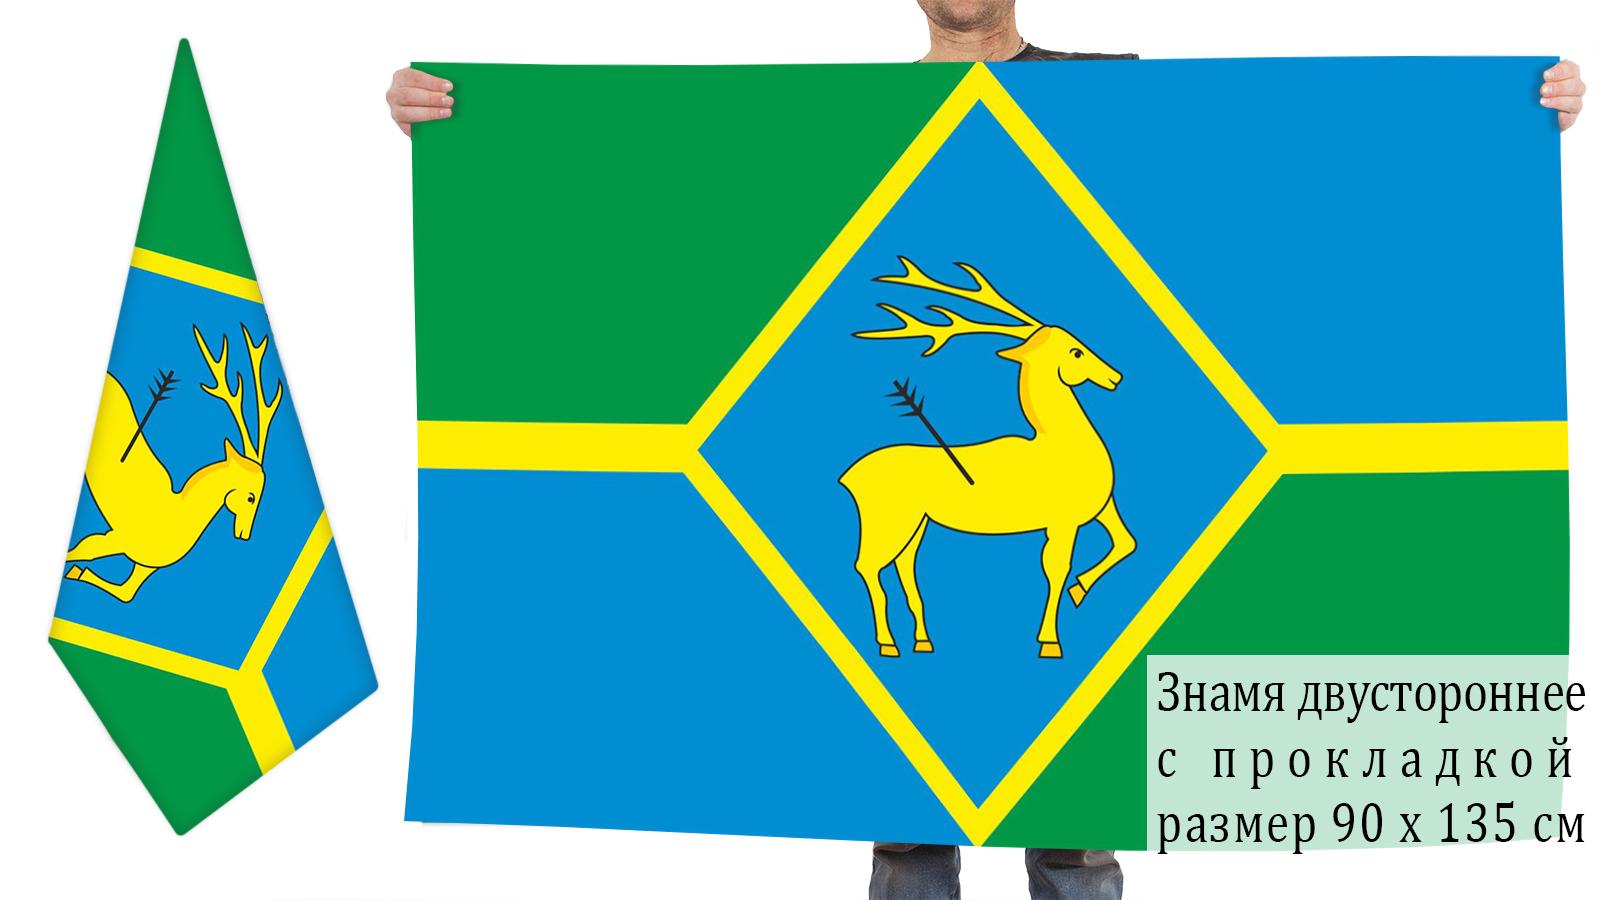 Двусторонний флаг Белокалитвинского района